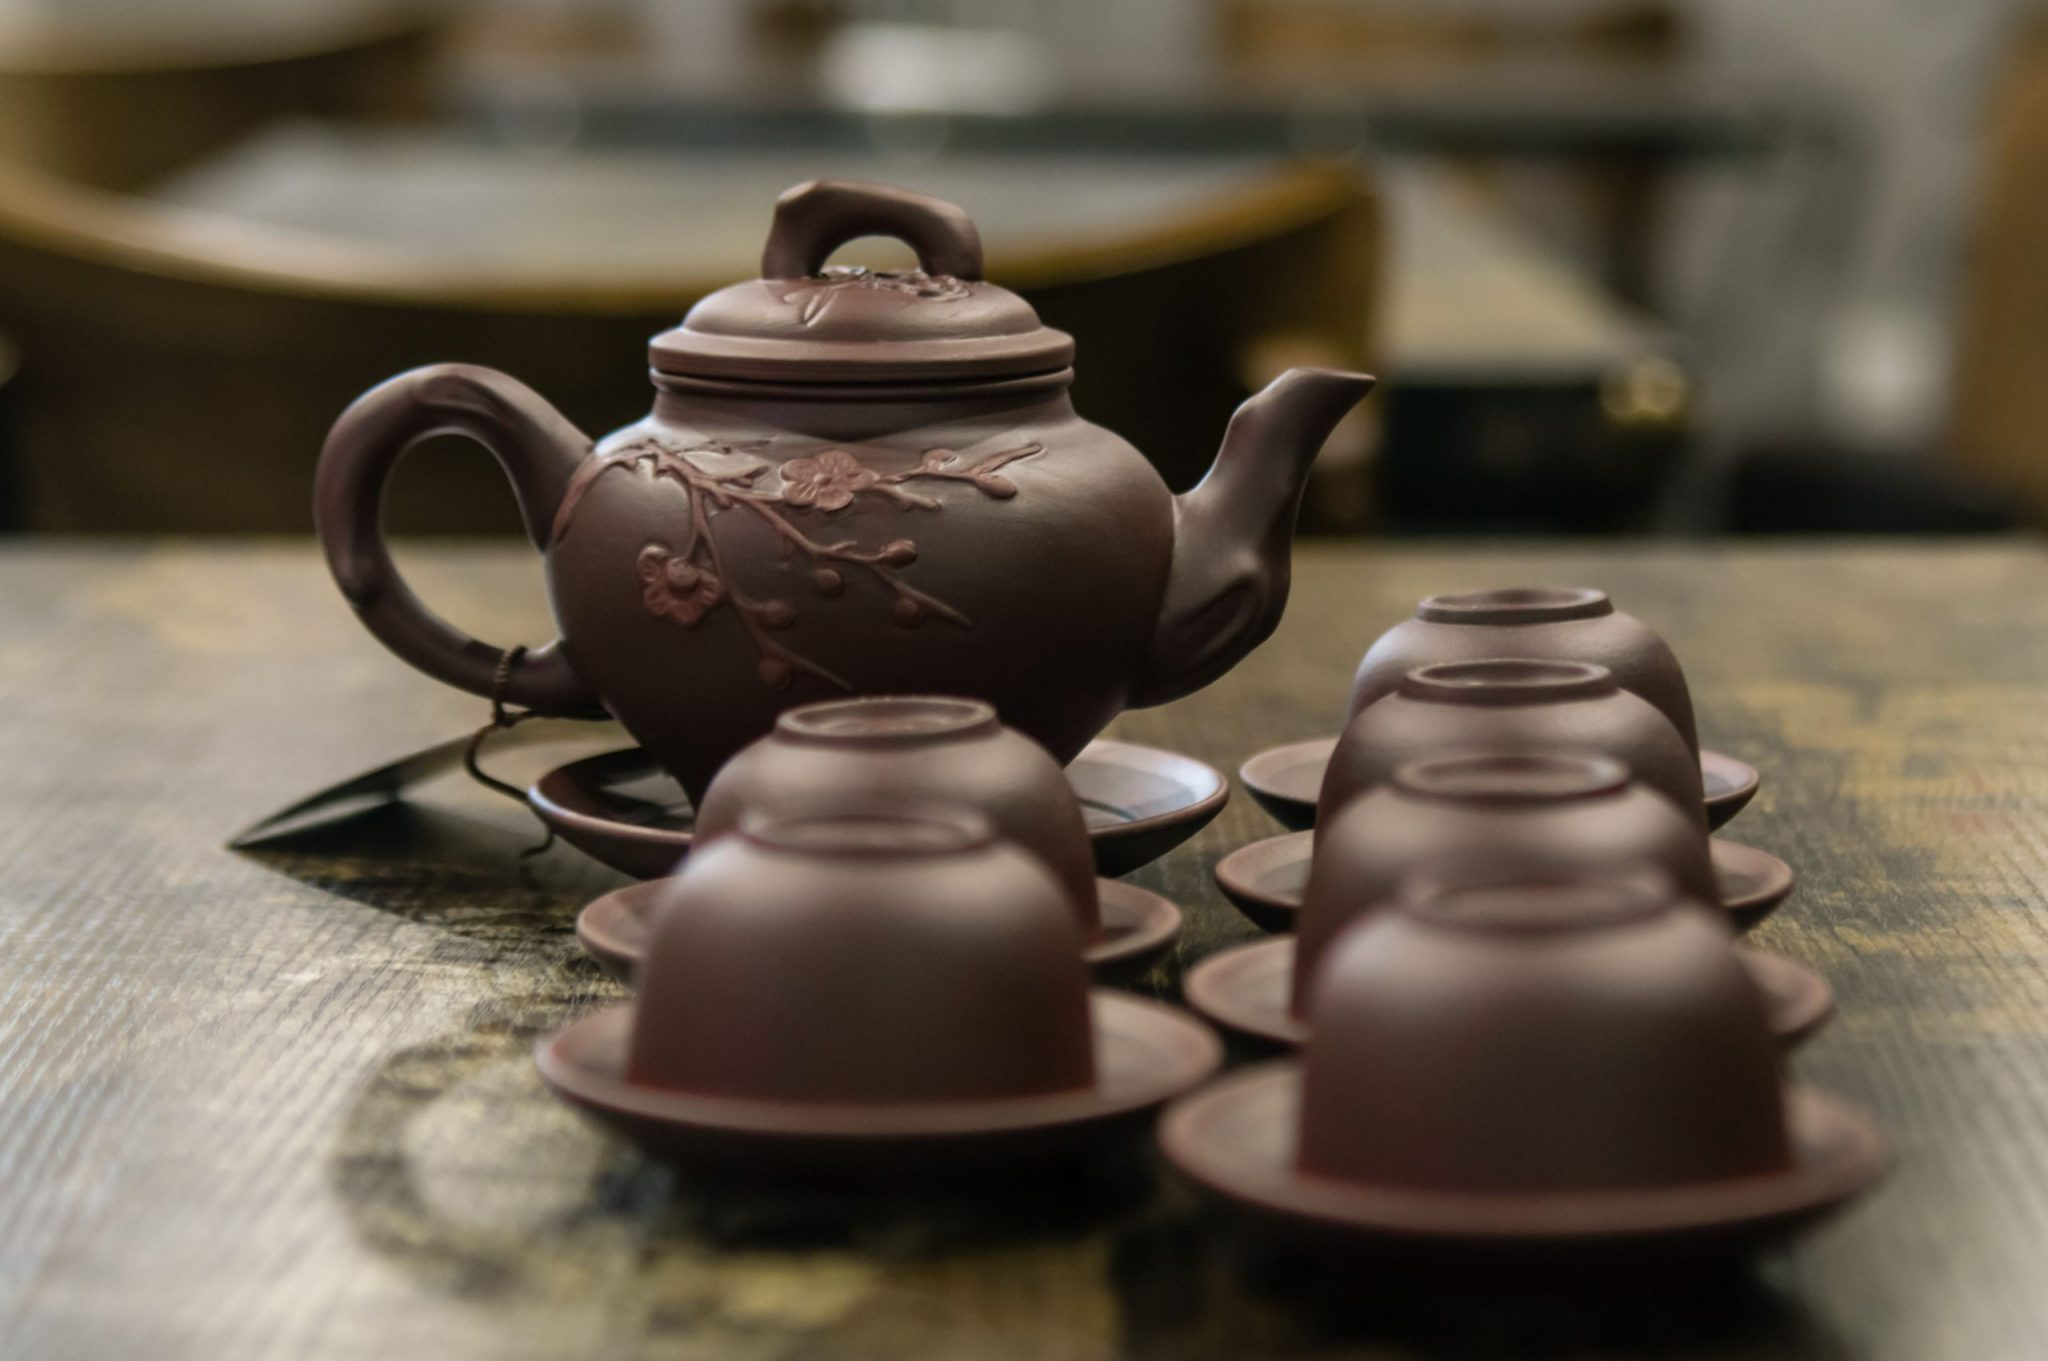 Ấm pha trà ngon nhất là ấm được làm chất liệu bằng đất như ấm tử sa, ấm bát tràng,...